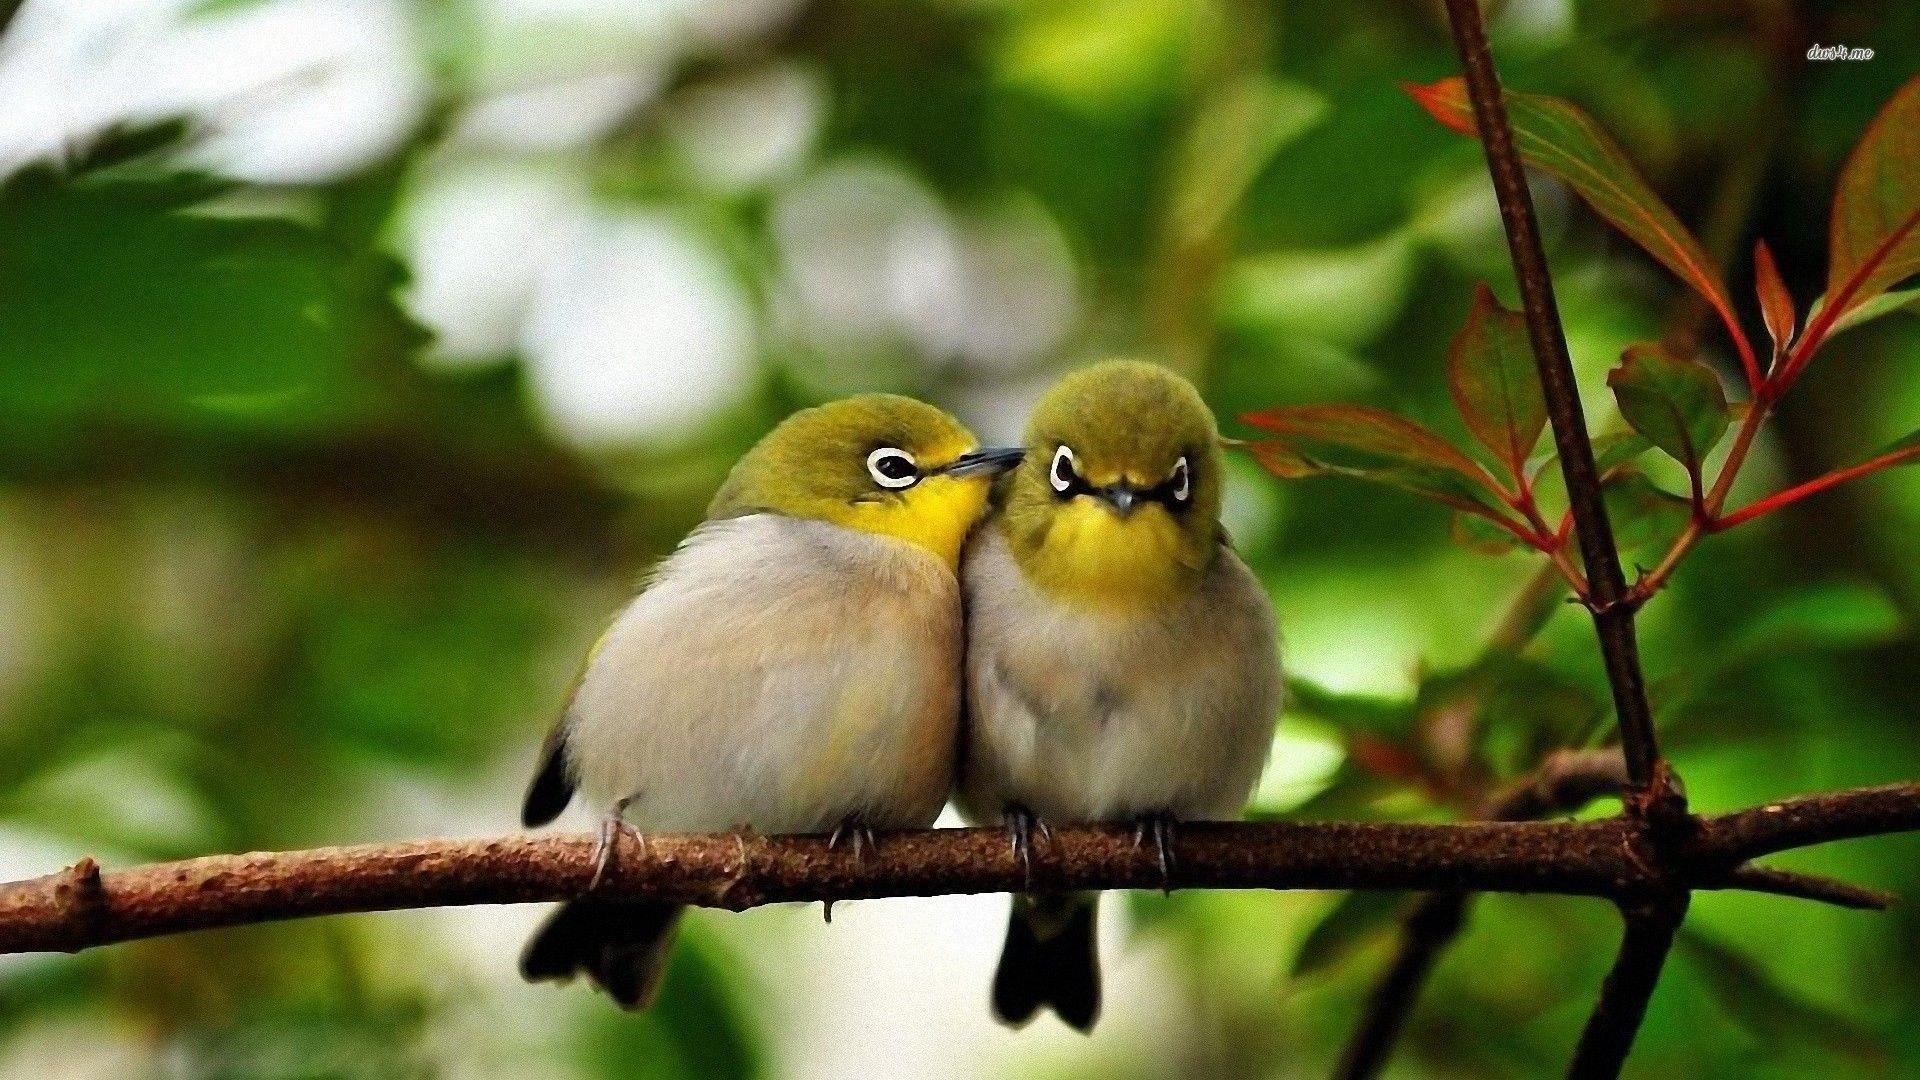 Cute Bird Wallpaper 1080p Nature Birds Beautiful Birds Birds Wallpaper Hd